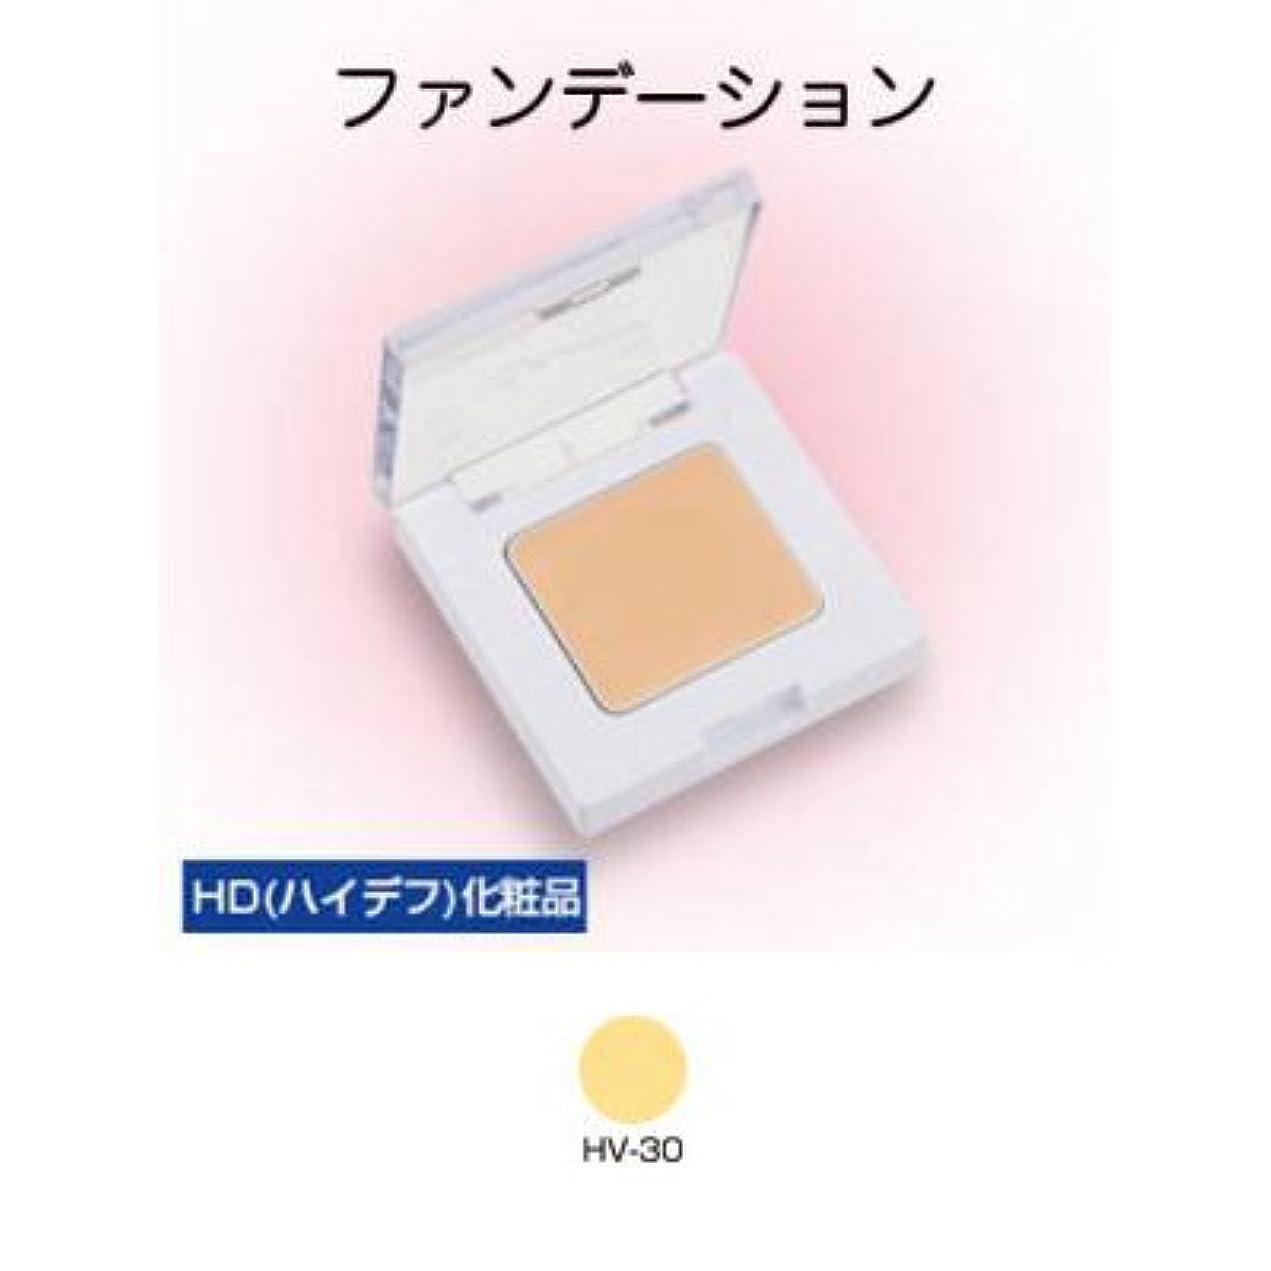 参加するペック手首シャレナ カバーファンデーション ミニ HV-30 【三善】